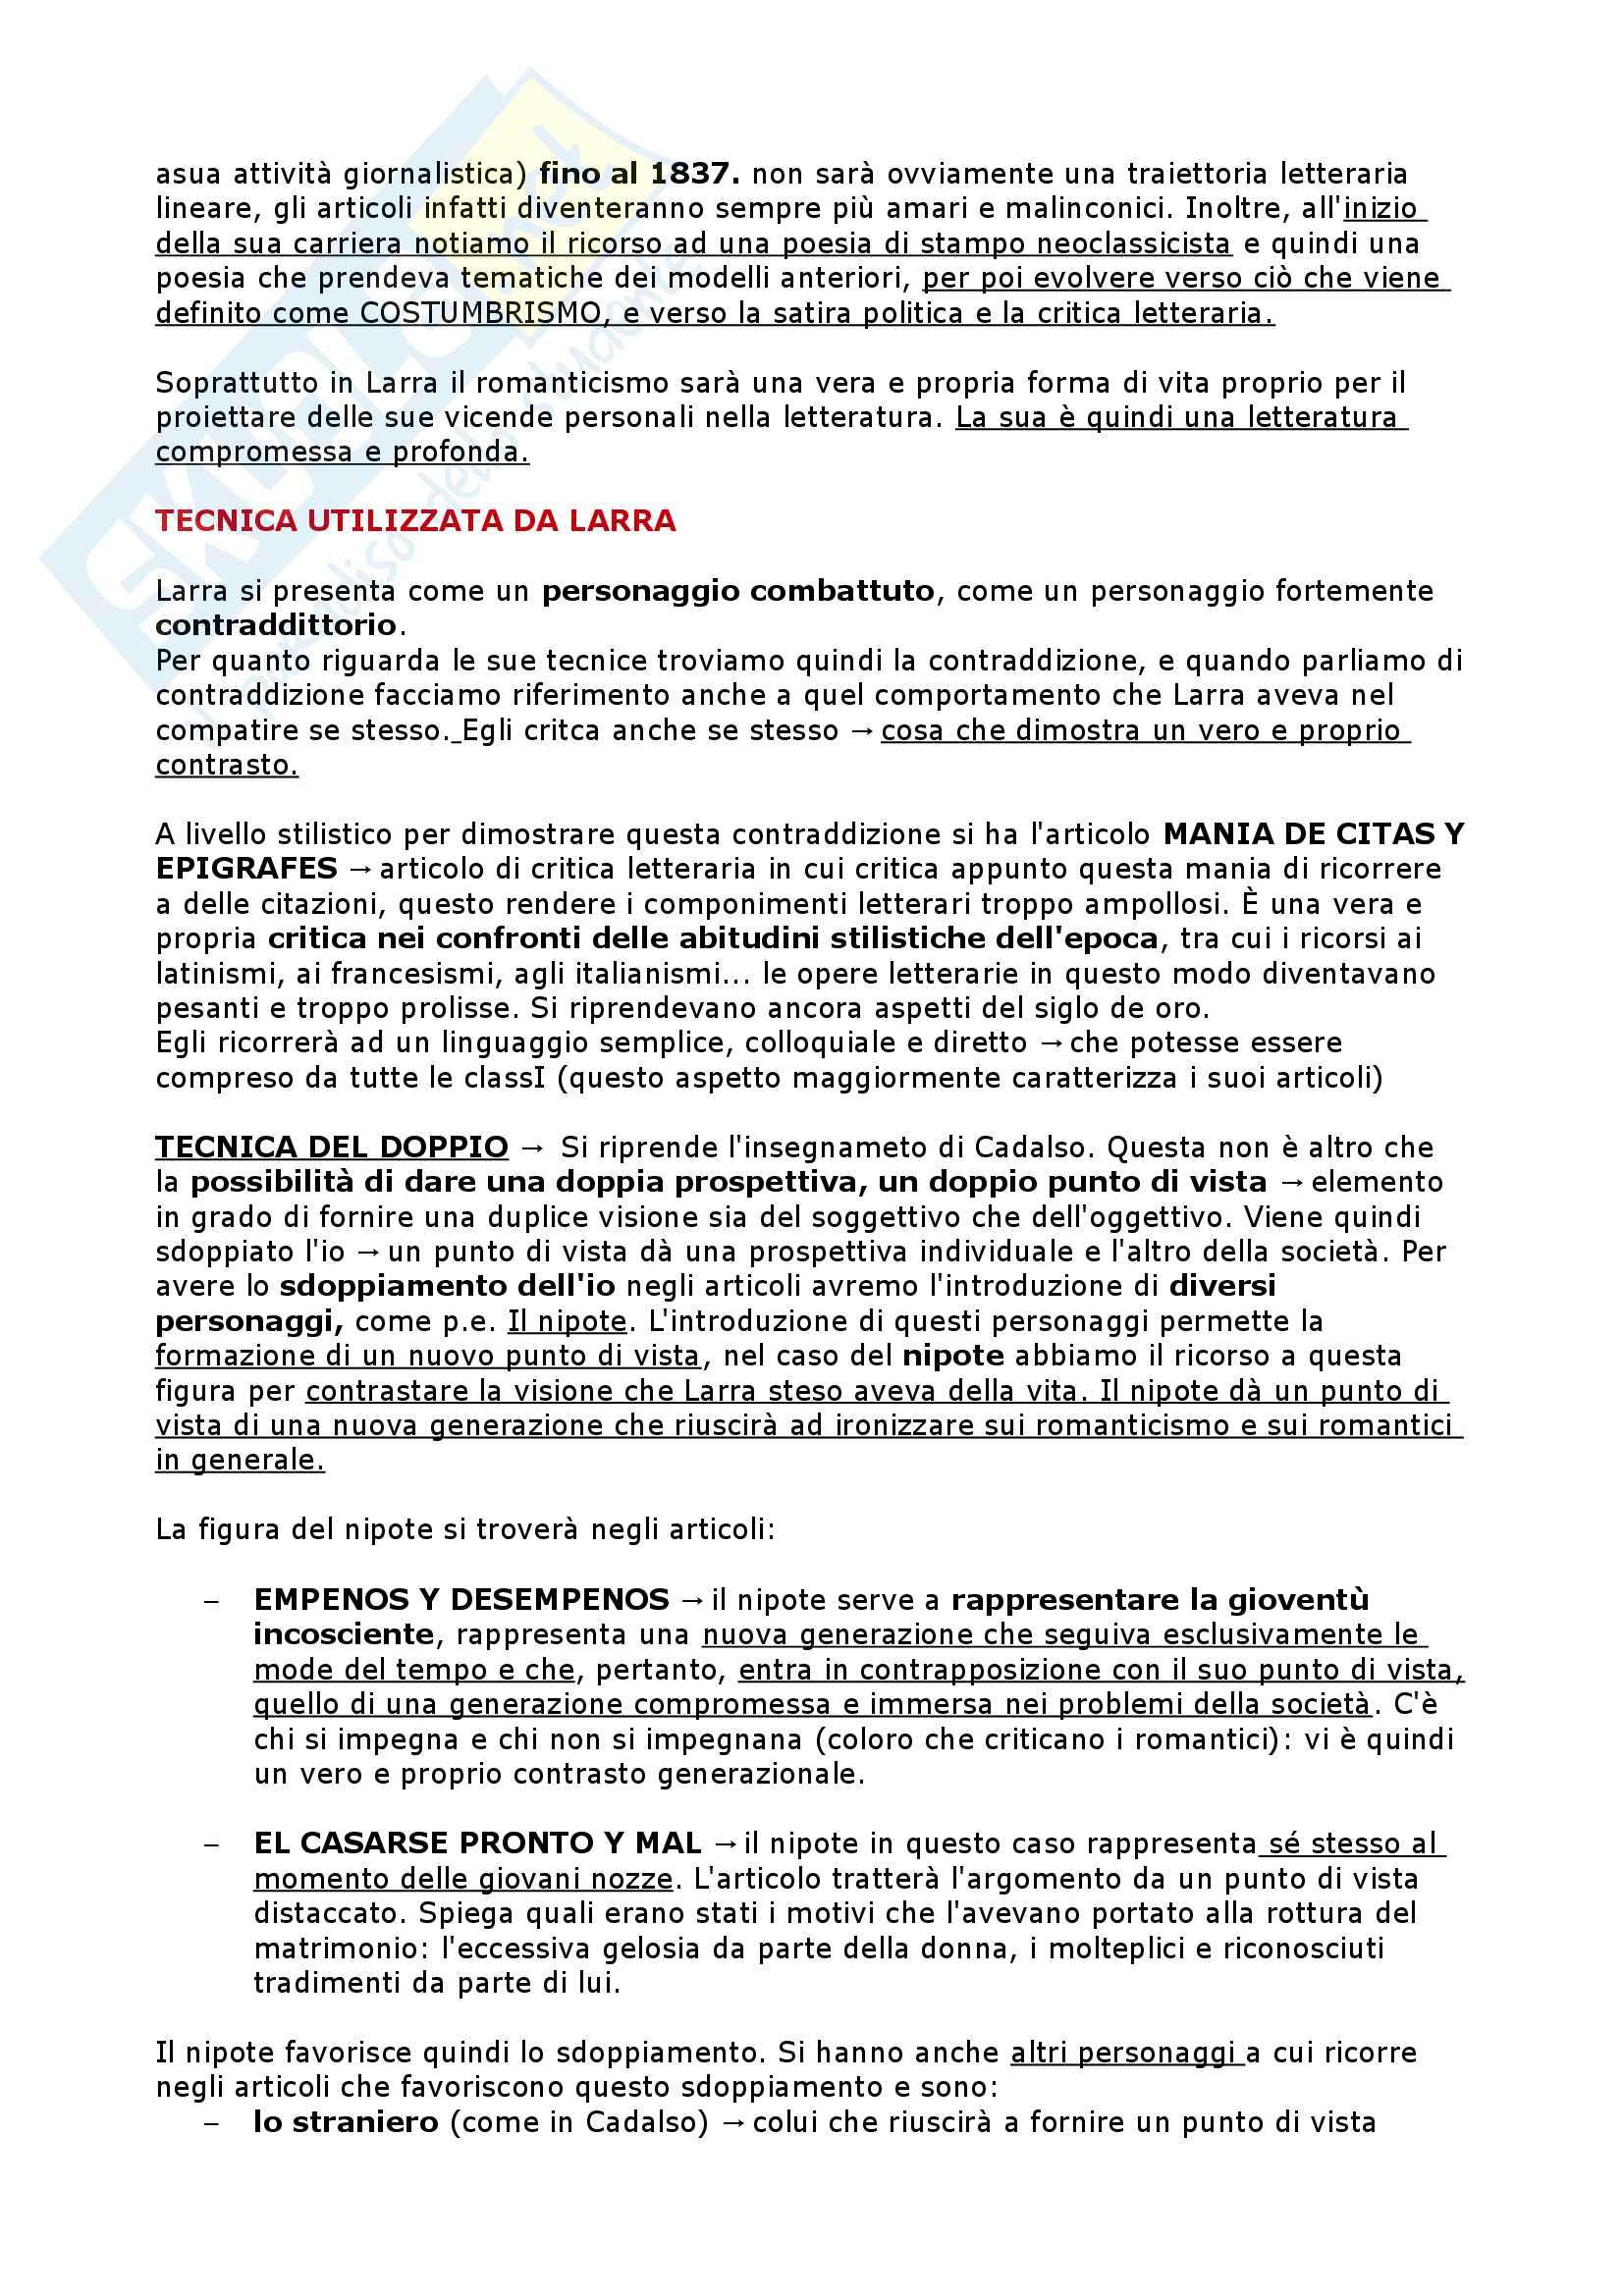 Il Settecento, l'Ottocento, il Novecento - Letteratura Spagnola II Pag. 46